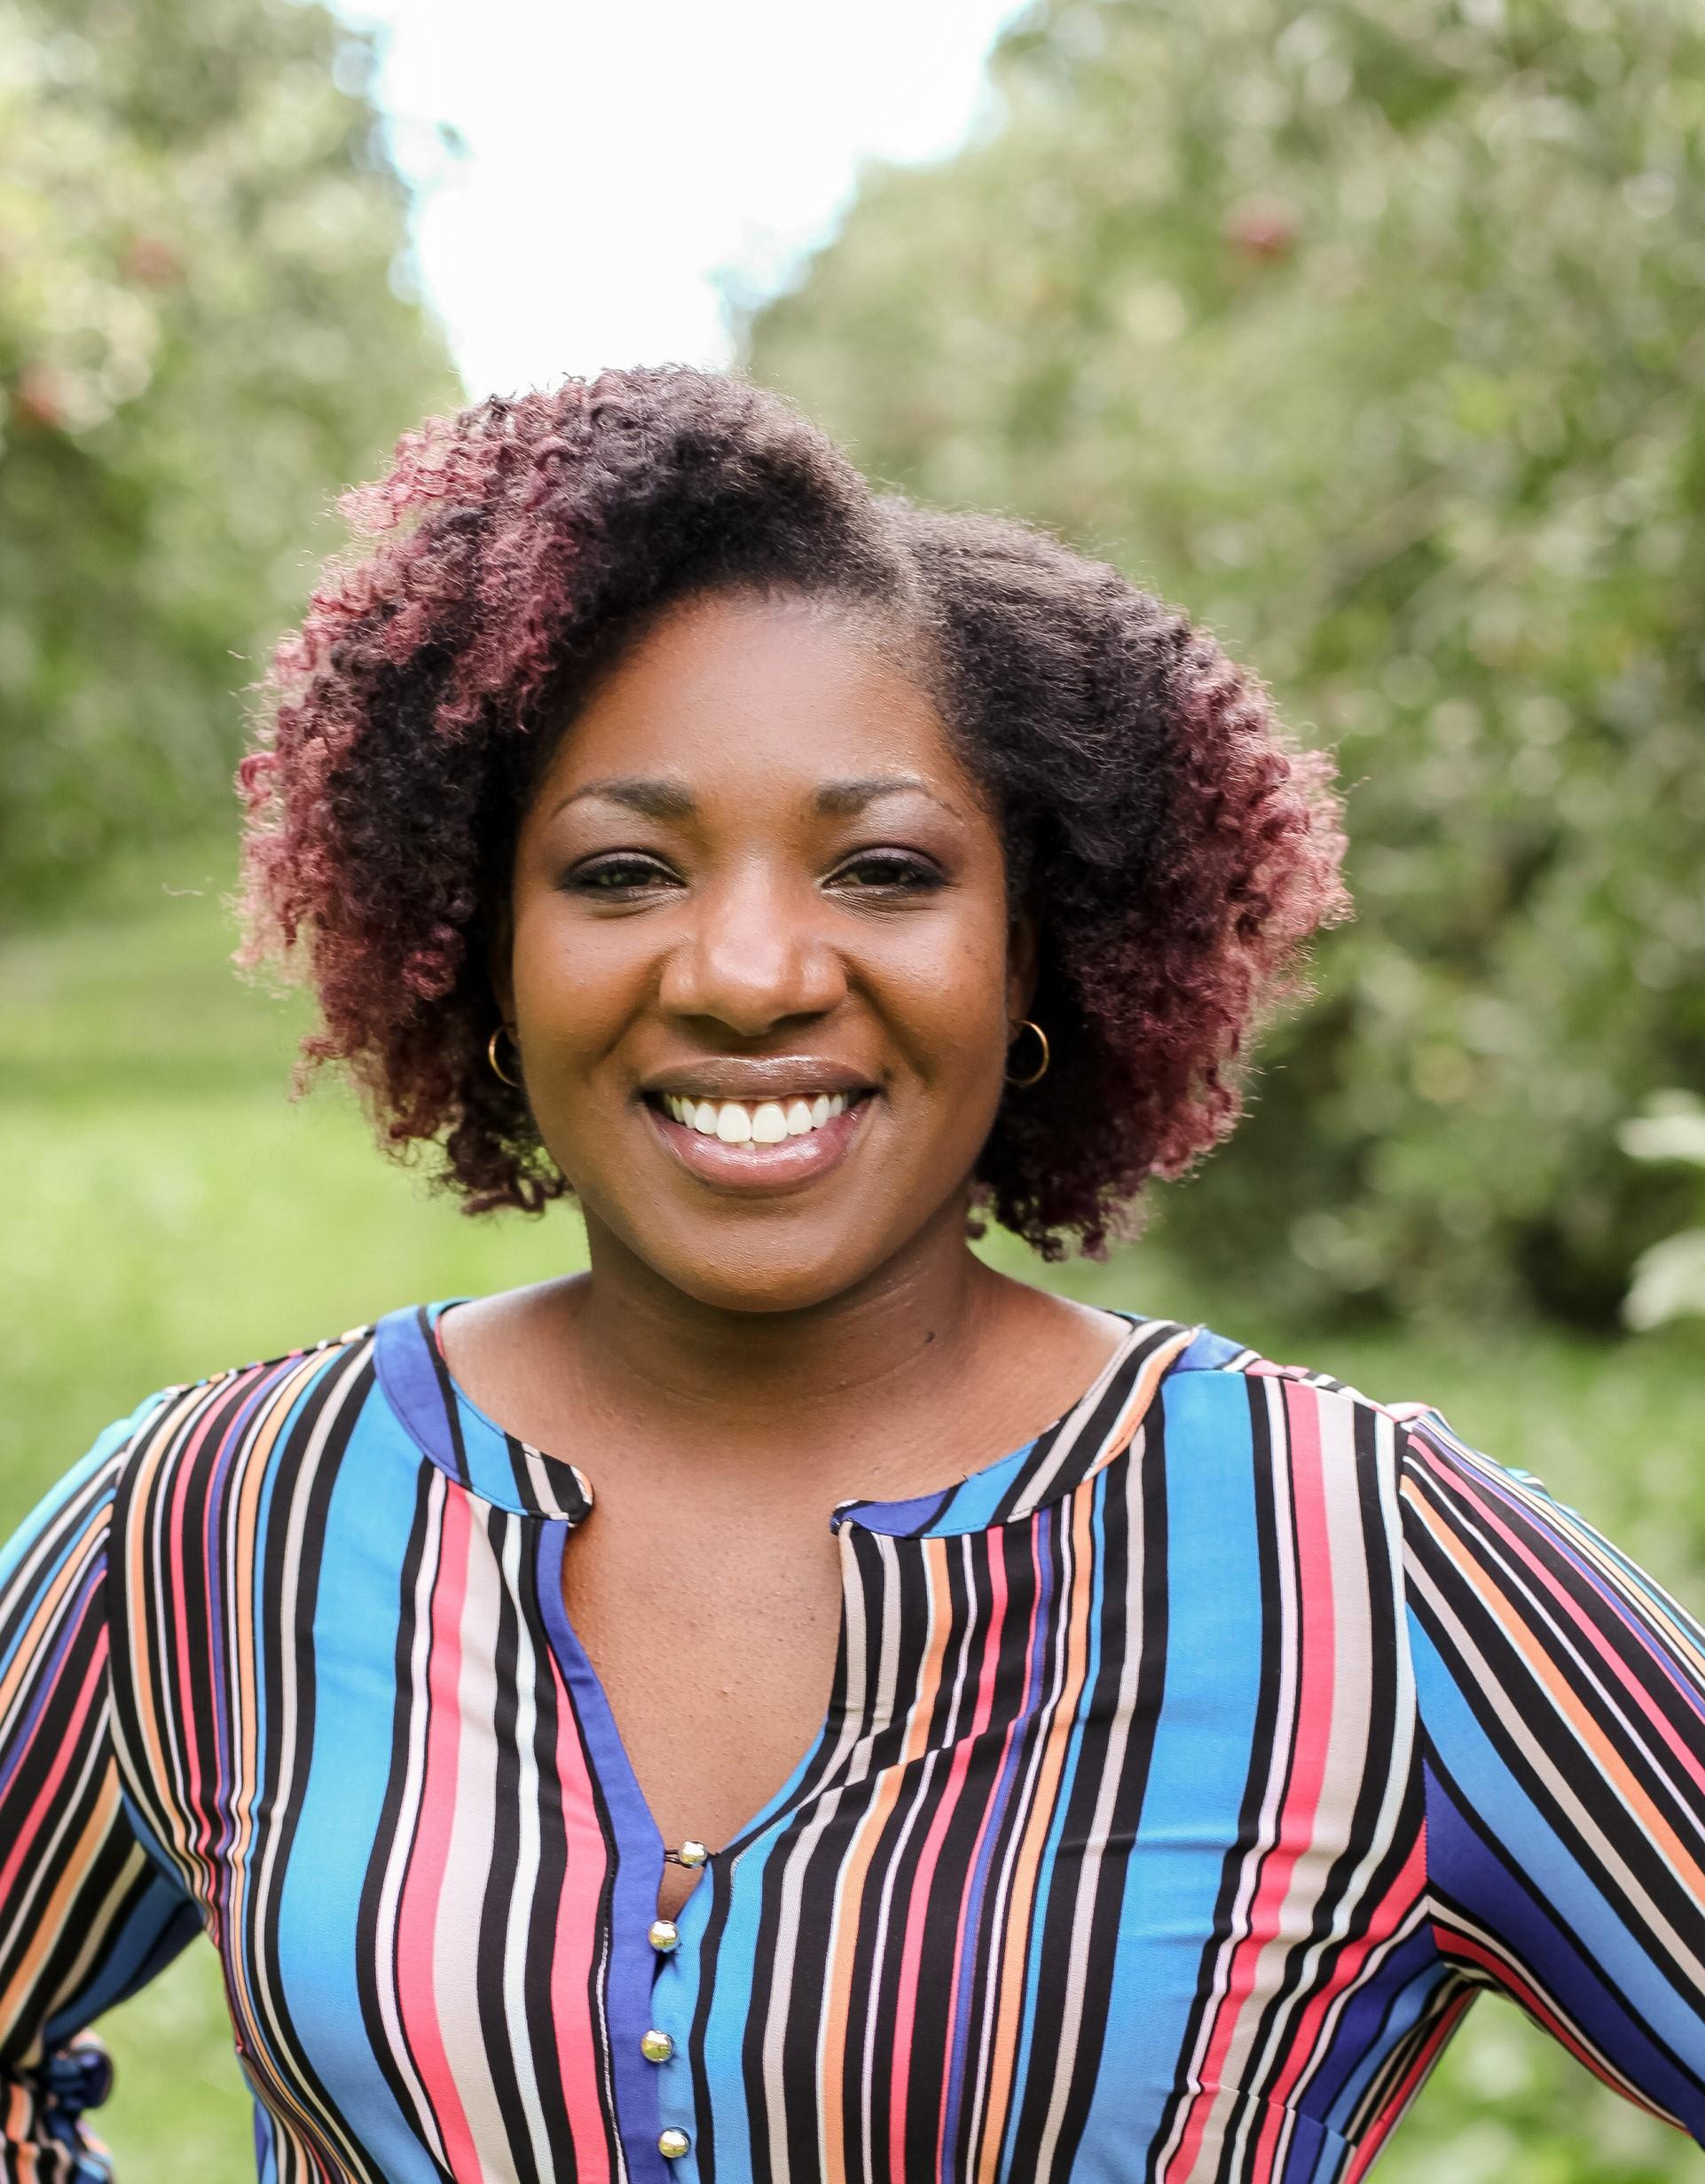 Nwosu, Deanna headshot 8.8.18.docx